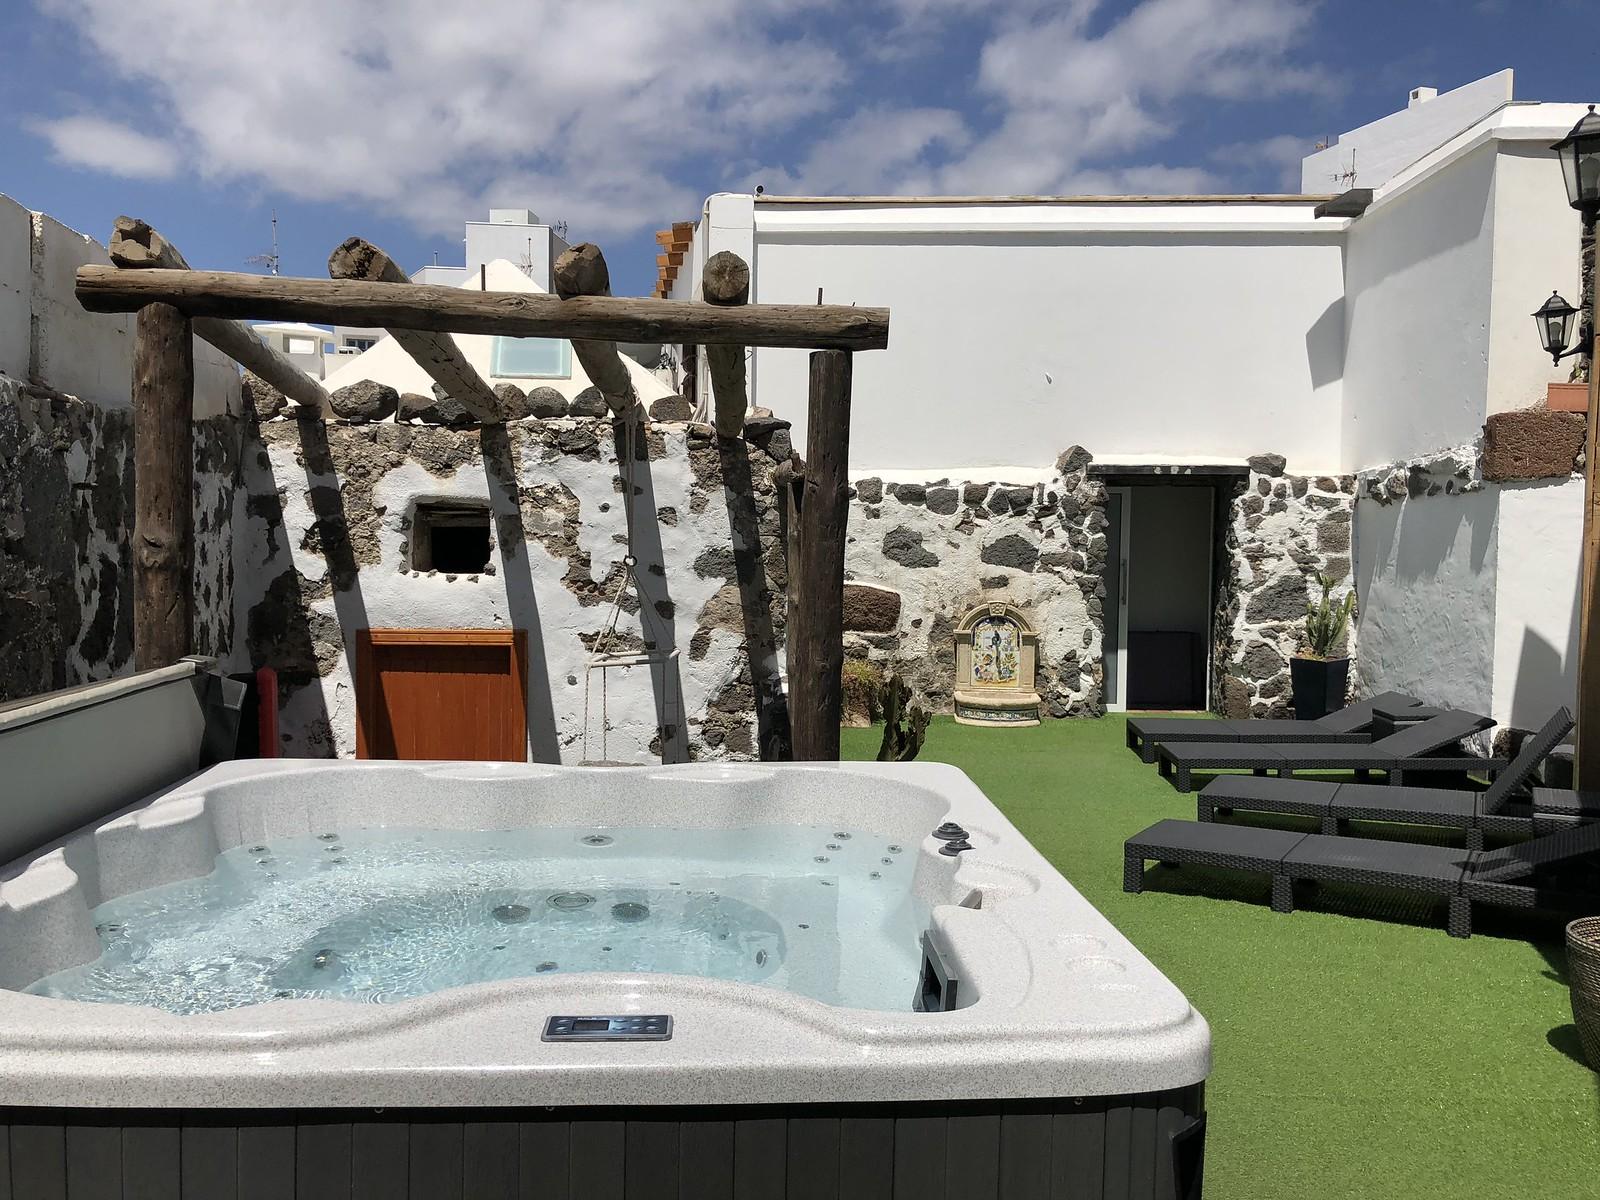 Lanzaroten Arrecife kokemuksia